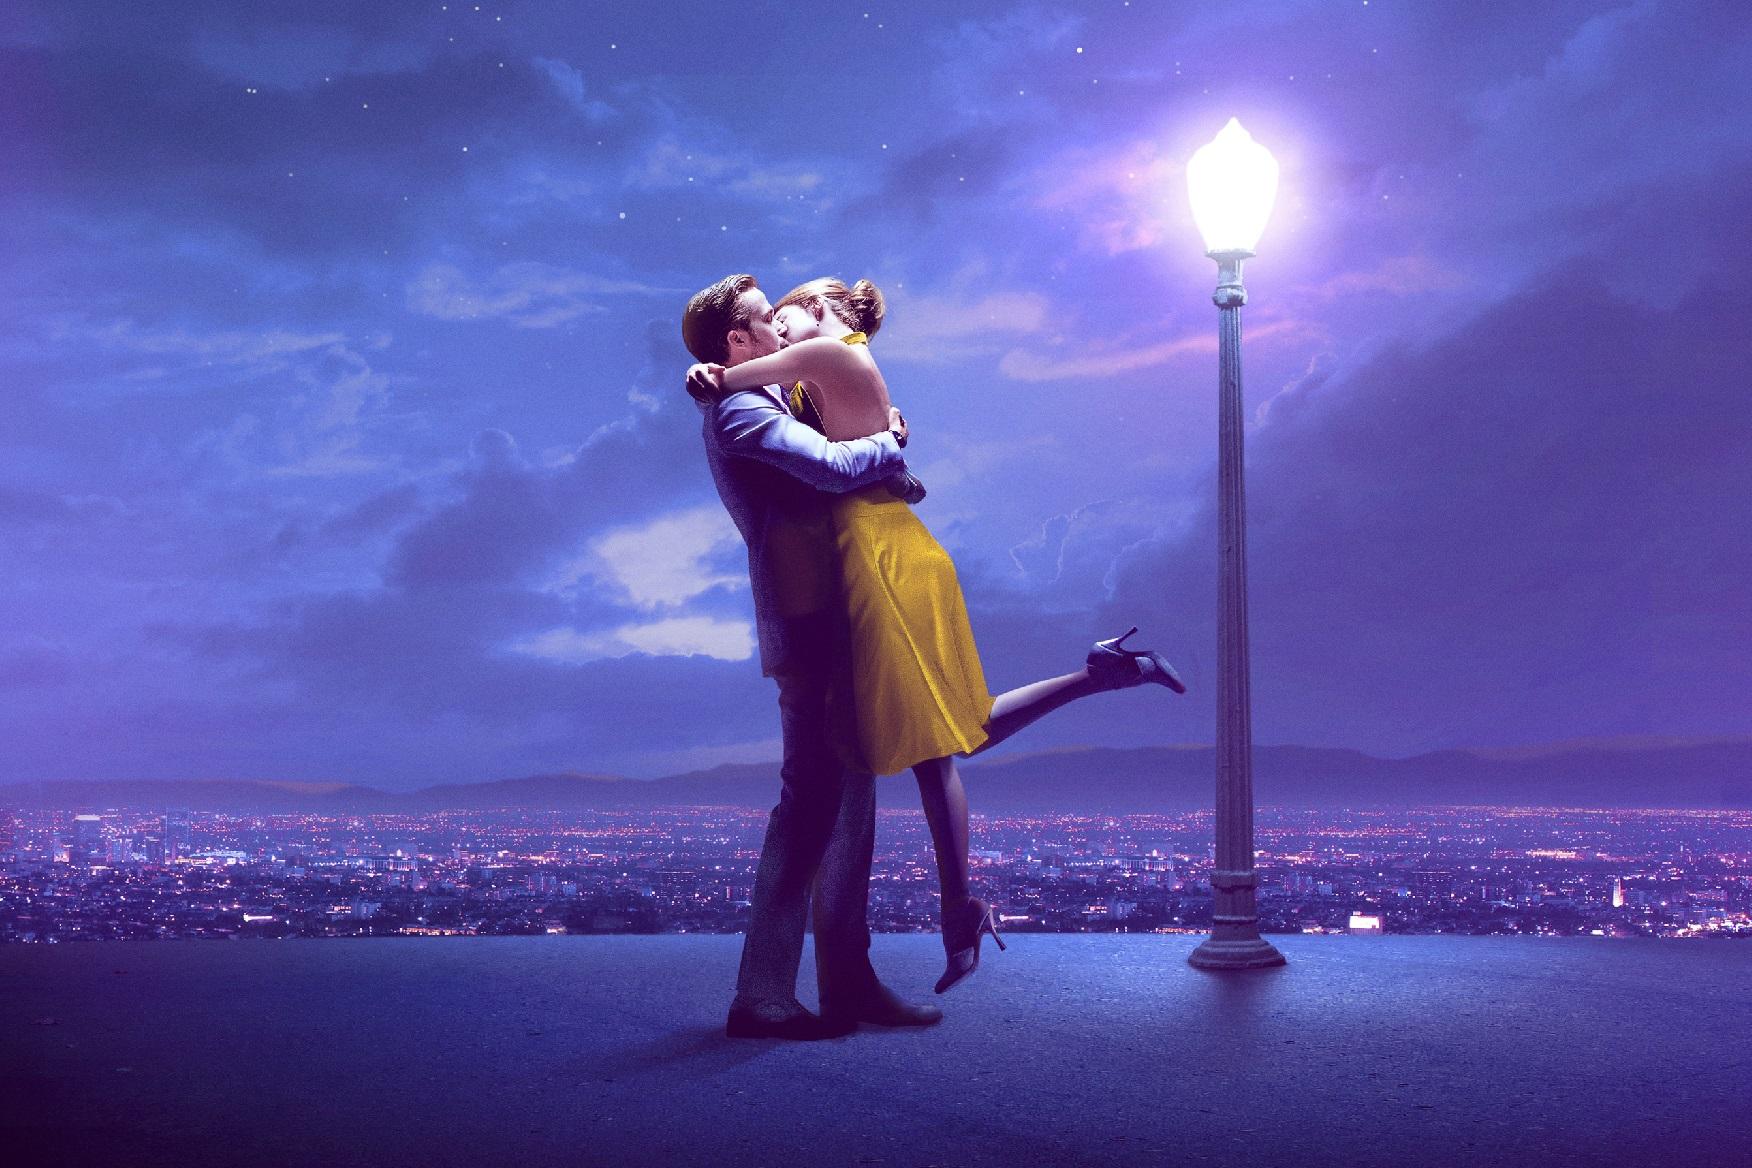 El amor como fantasía: trampa o catapulta